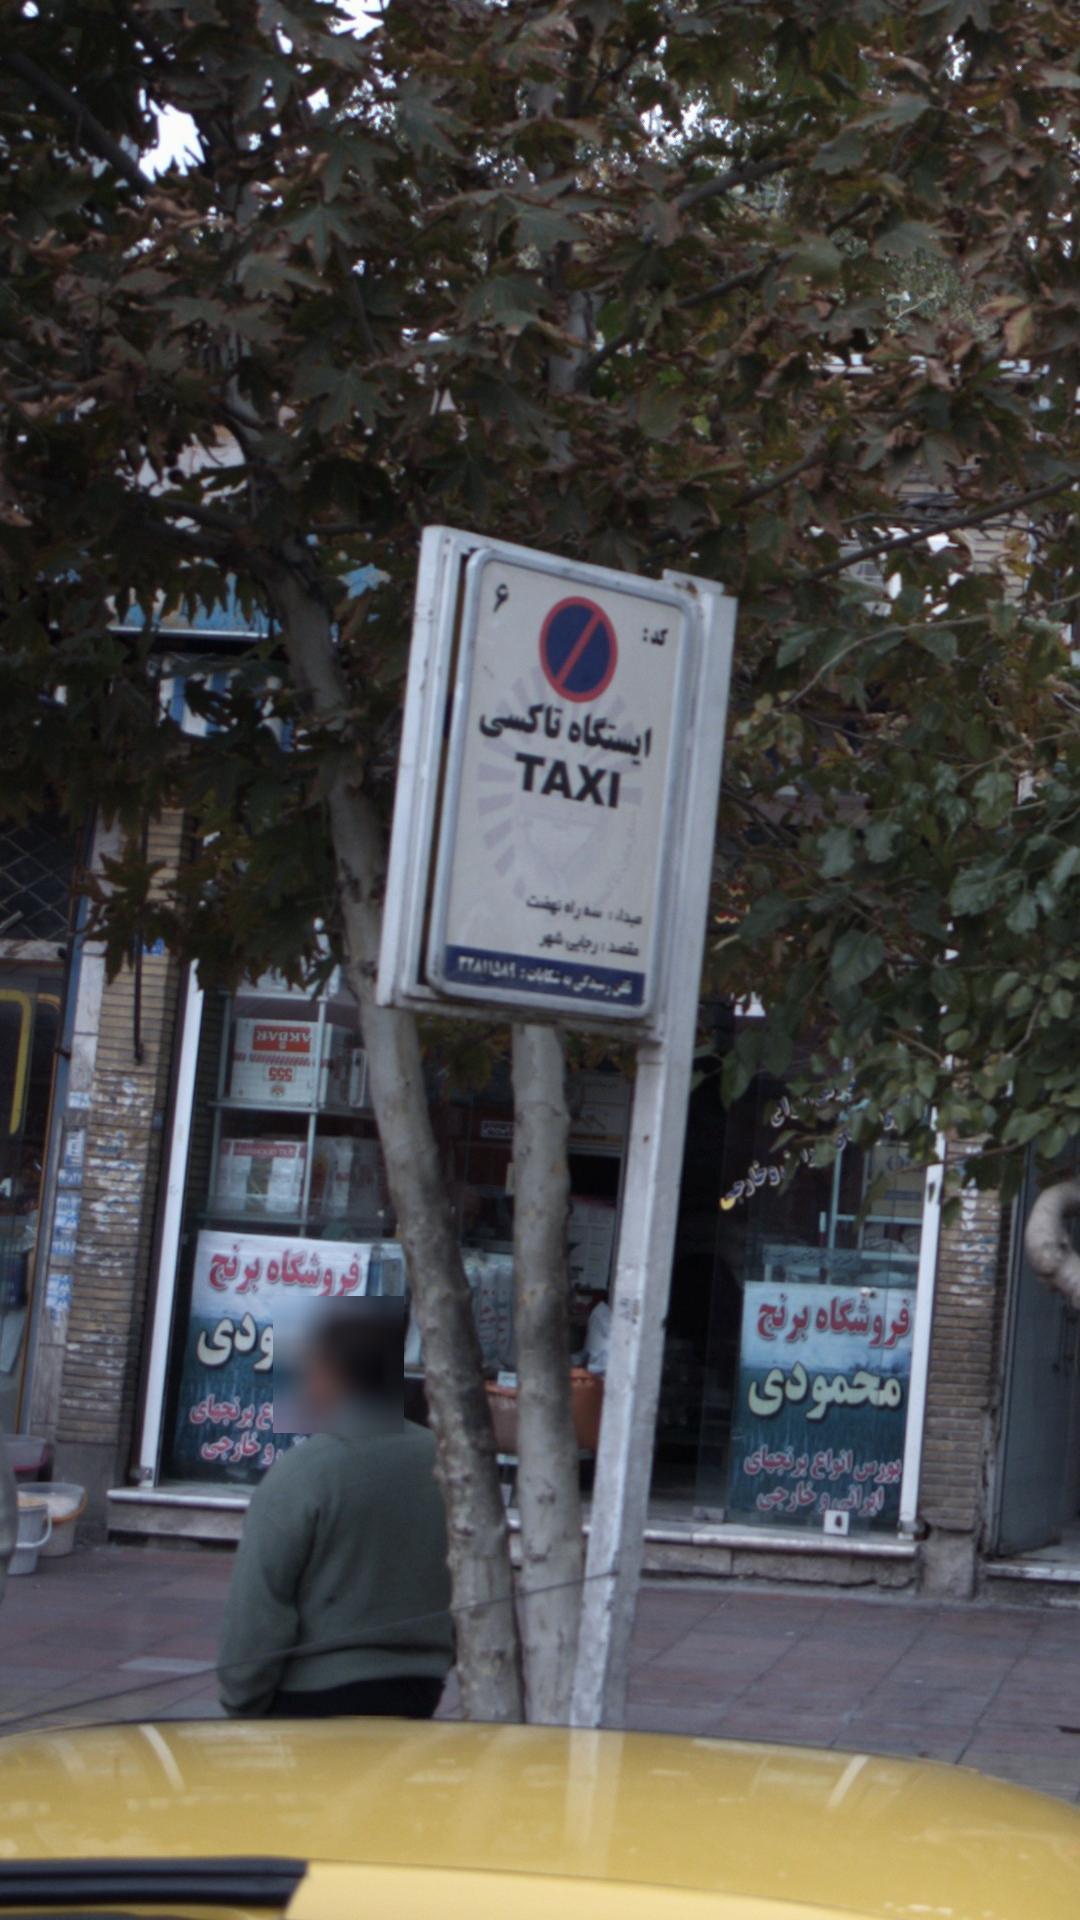 ایستگاه تاکسی های تهران